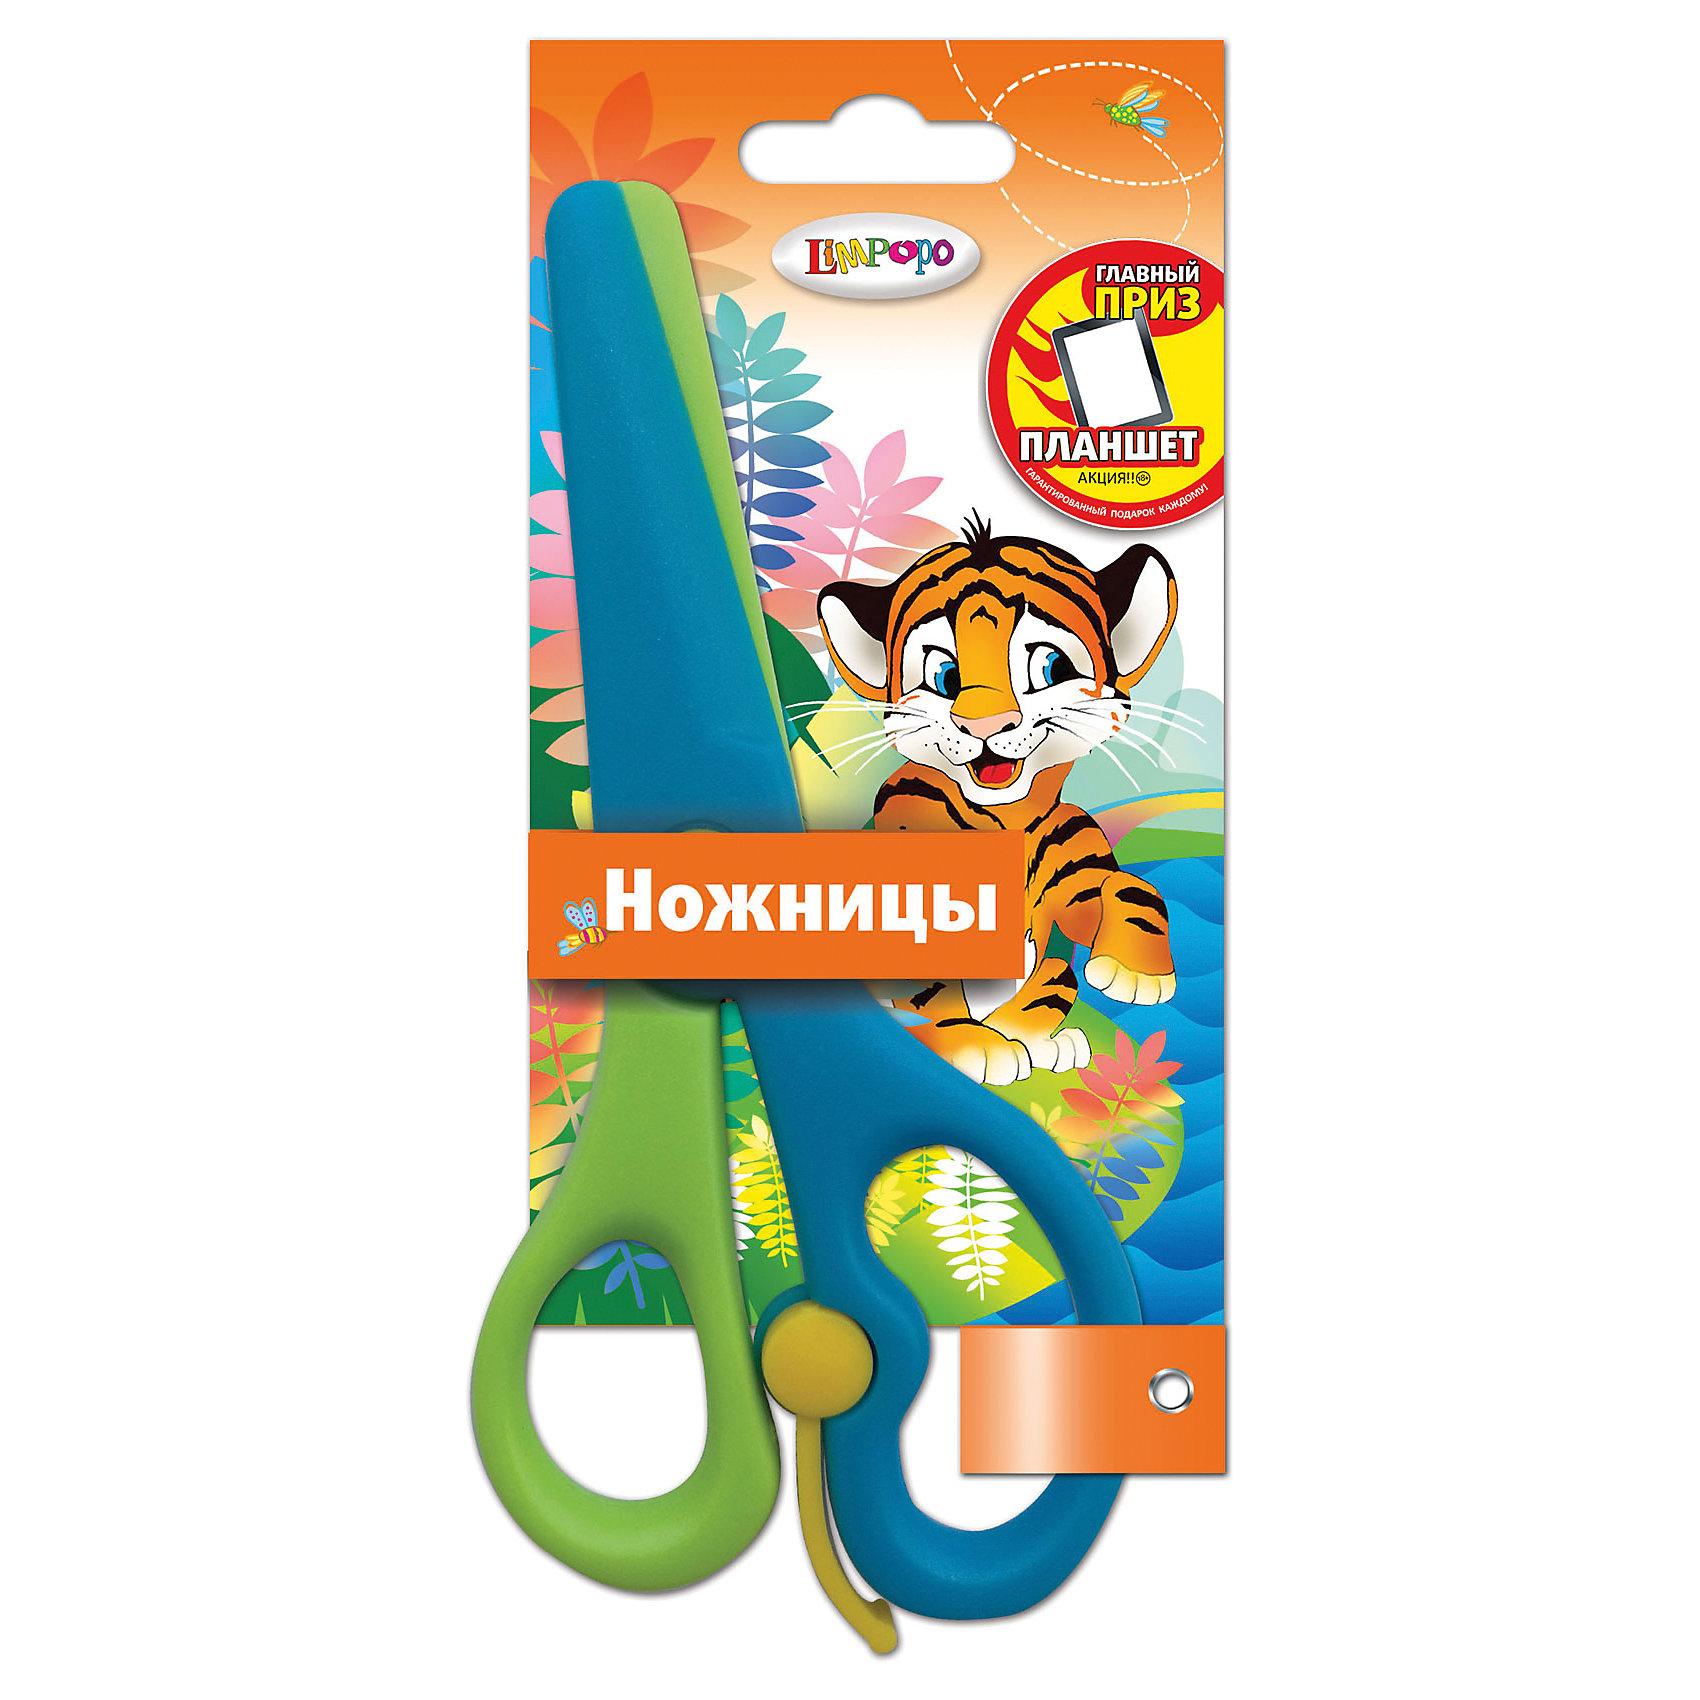 Ножницы 13 см, с пластиковыми ручками ДжунглиШкольные аксессуары<br>Ножницы с пластиковыми ручками, безопасно скругленные лезвия,  с дизайном Limpopo Джунгли. Ножницы оснащены вспомогательным механизмом, который облегчает работу ребёнка, т.к. усилия при использовании ножниц тратятся только на сжимание.<br><br>Ширина мм: 165<br>Глубина мм: 1<br>Высота мм: 70<br>Вес г: 34<br>Возраст от месяцев: 36<br>Возраст до месяцев: 144<br>Пол: Унисекс<br>Возраст: Детский<br>SKU: 5525068